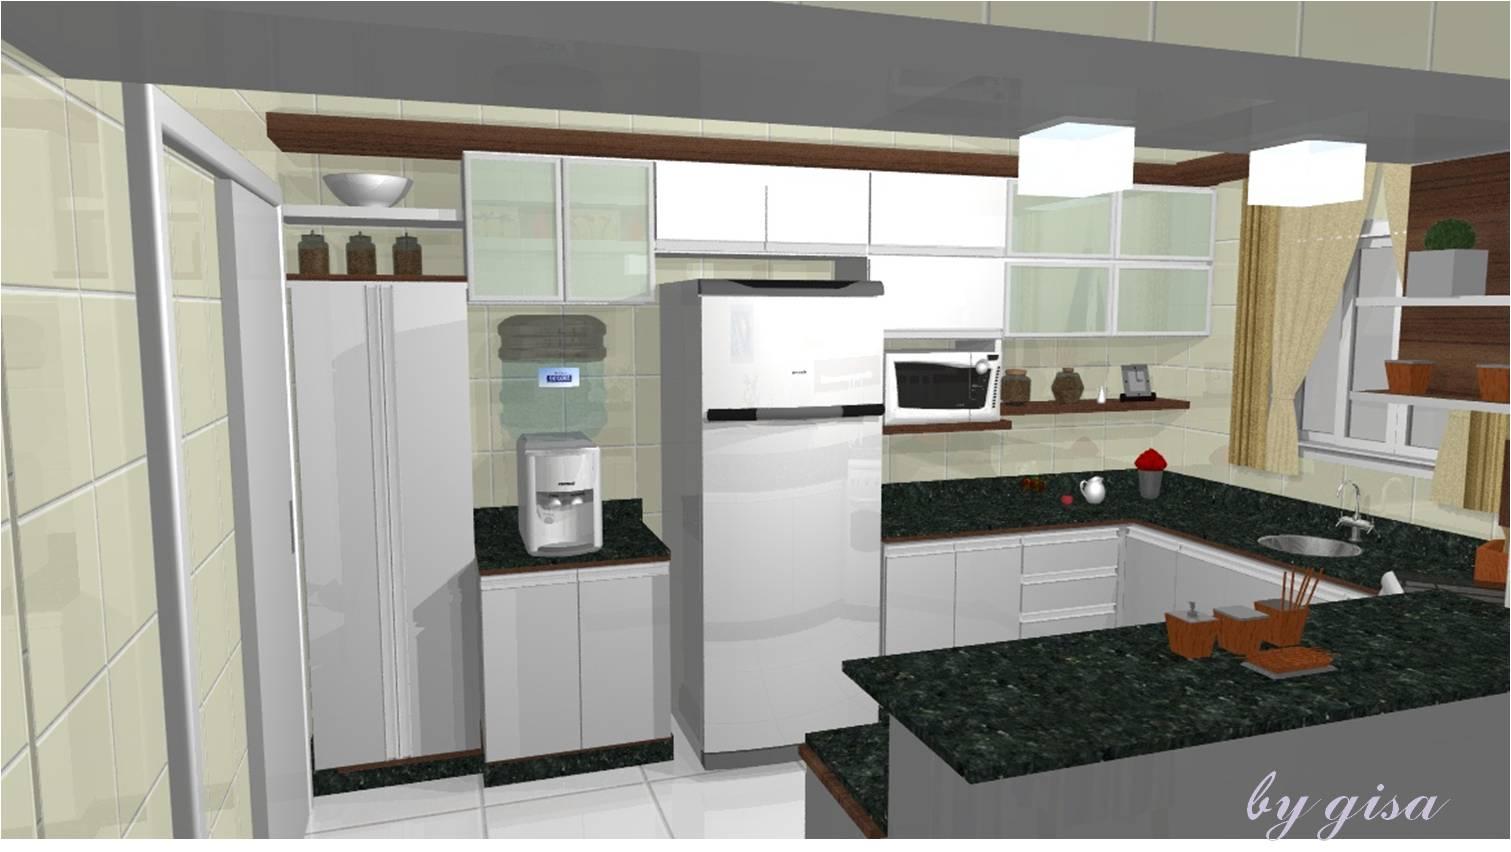 Projeto Feito Sonho Realizado: Cozinha pra que te quero!!! #633D28 1511 852